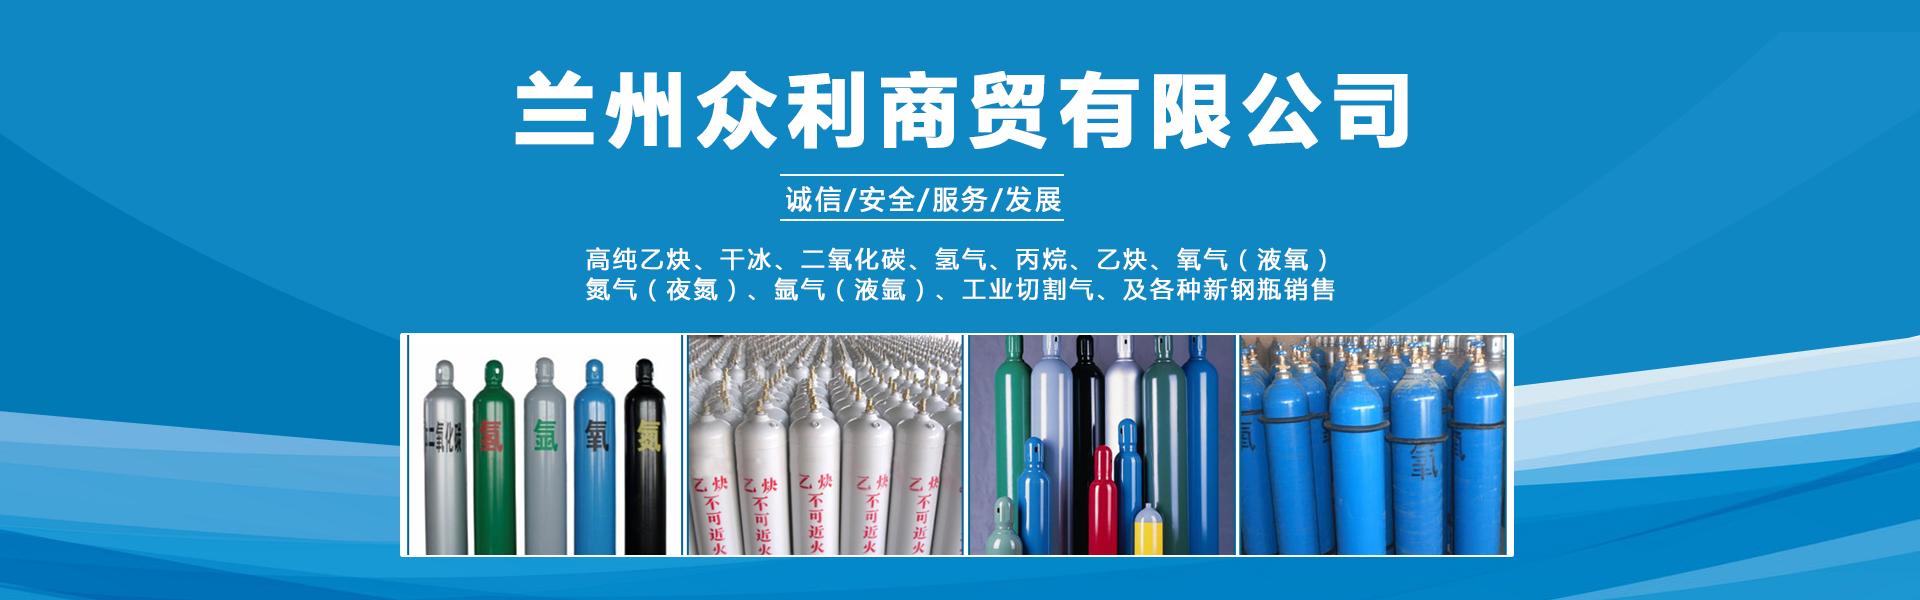 臺中氣體發賣,台灣氣體發賣